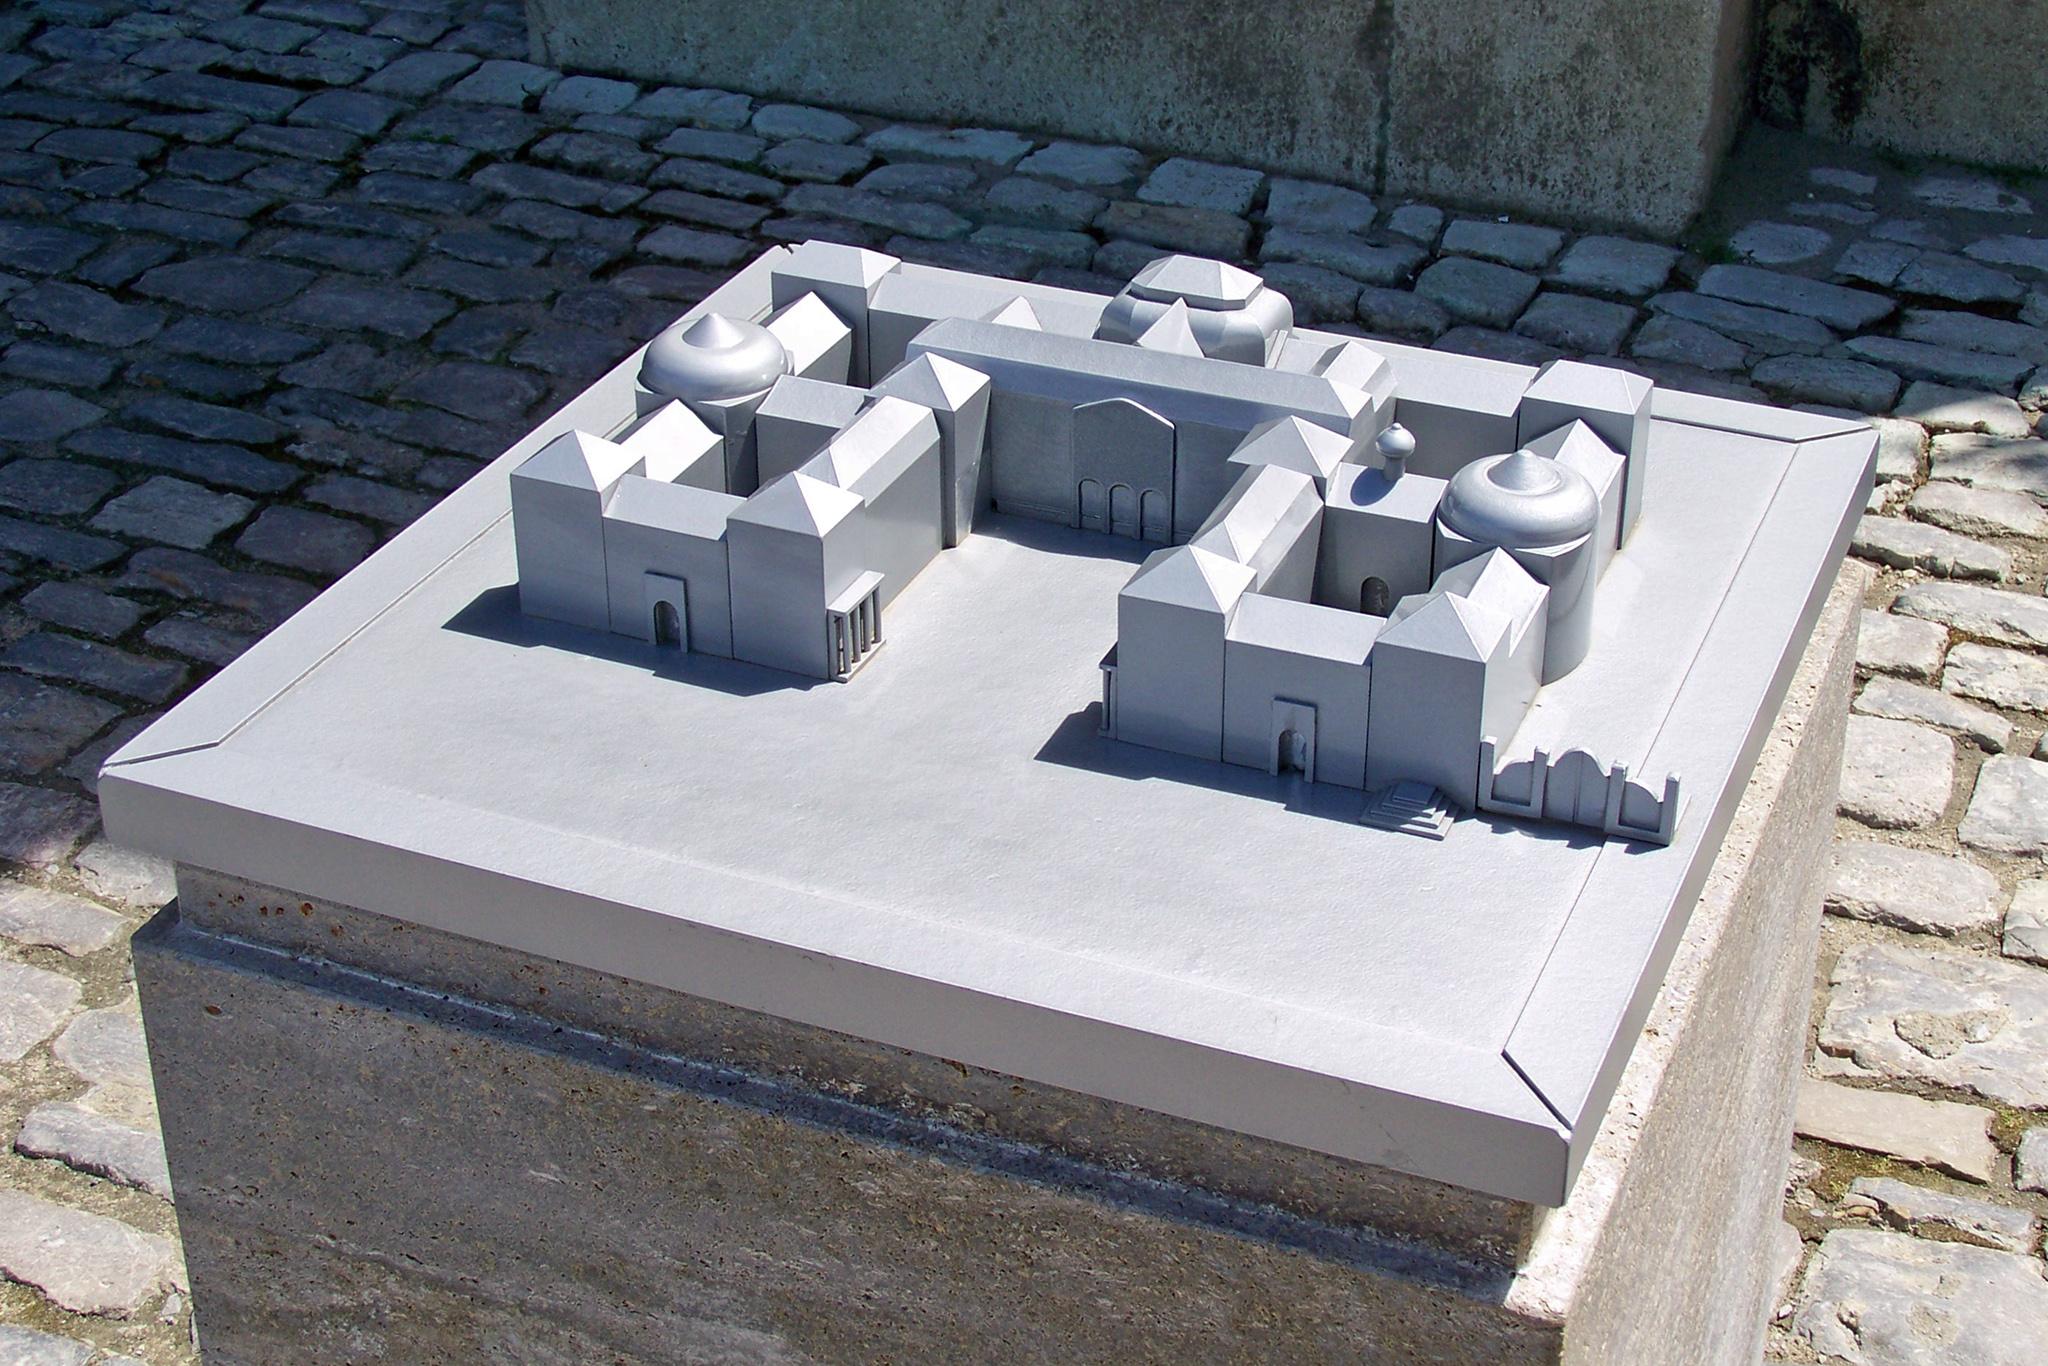 Modell der Würzburger Residenz